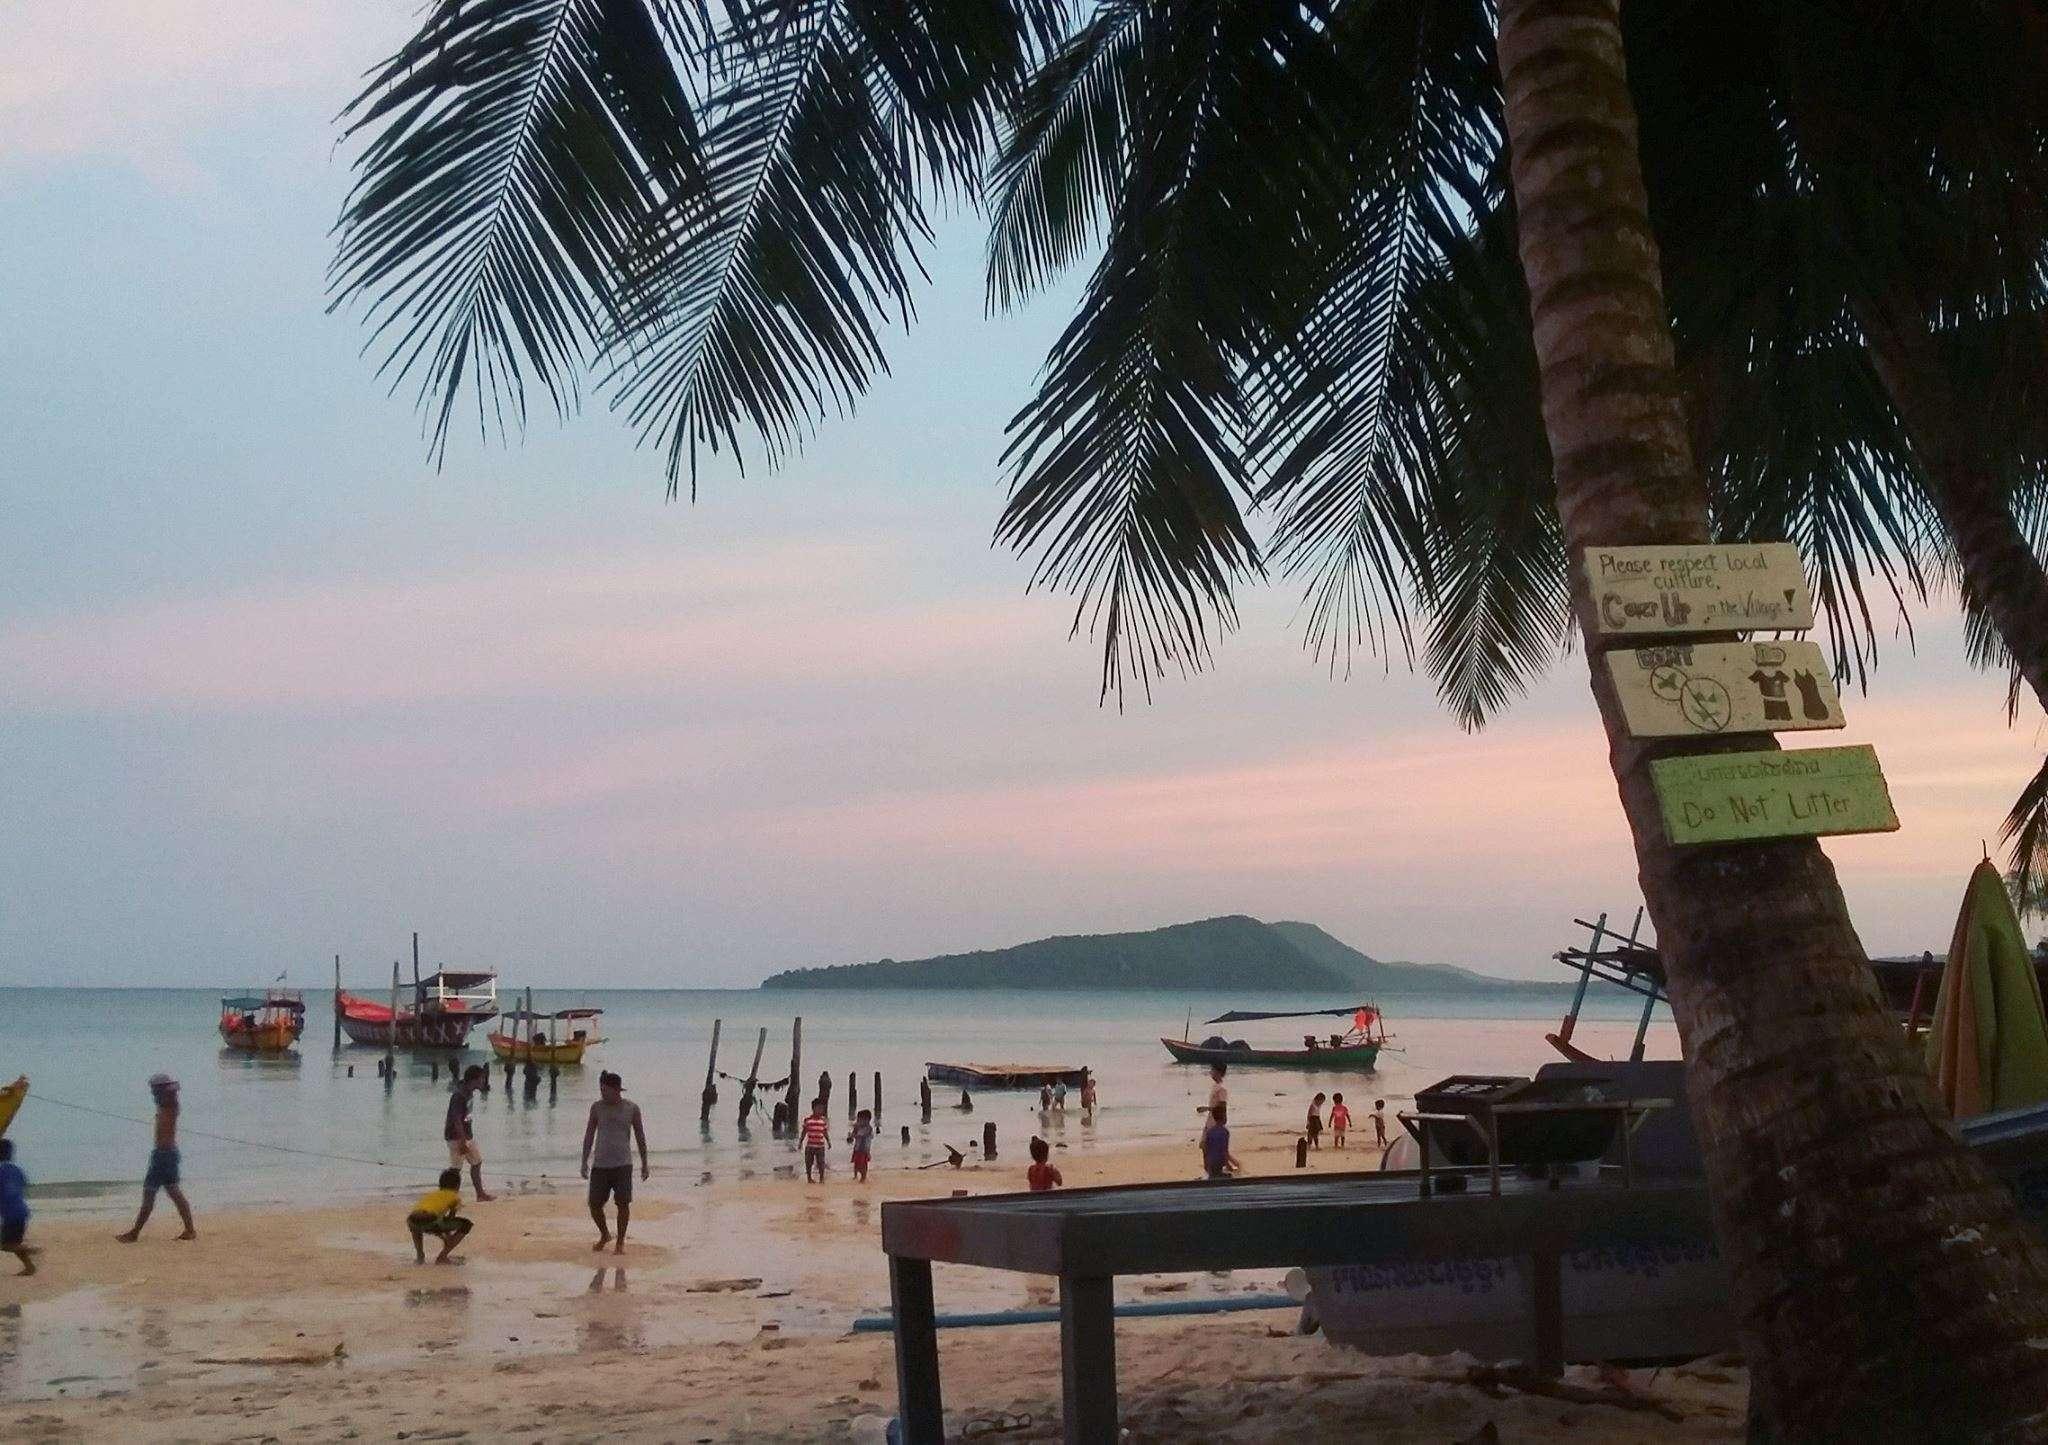 Plage Koh Rong - Voyager pour échapper à la vraie vie (ou pour ne pas que la vie t'échappe?) - Nomad Junkies